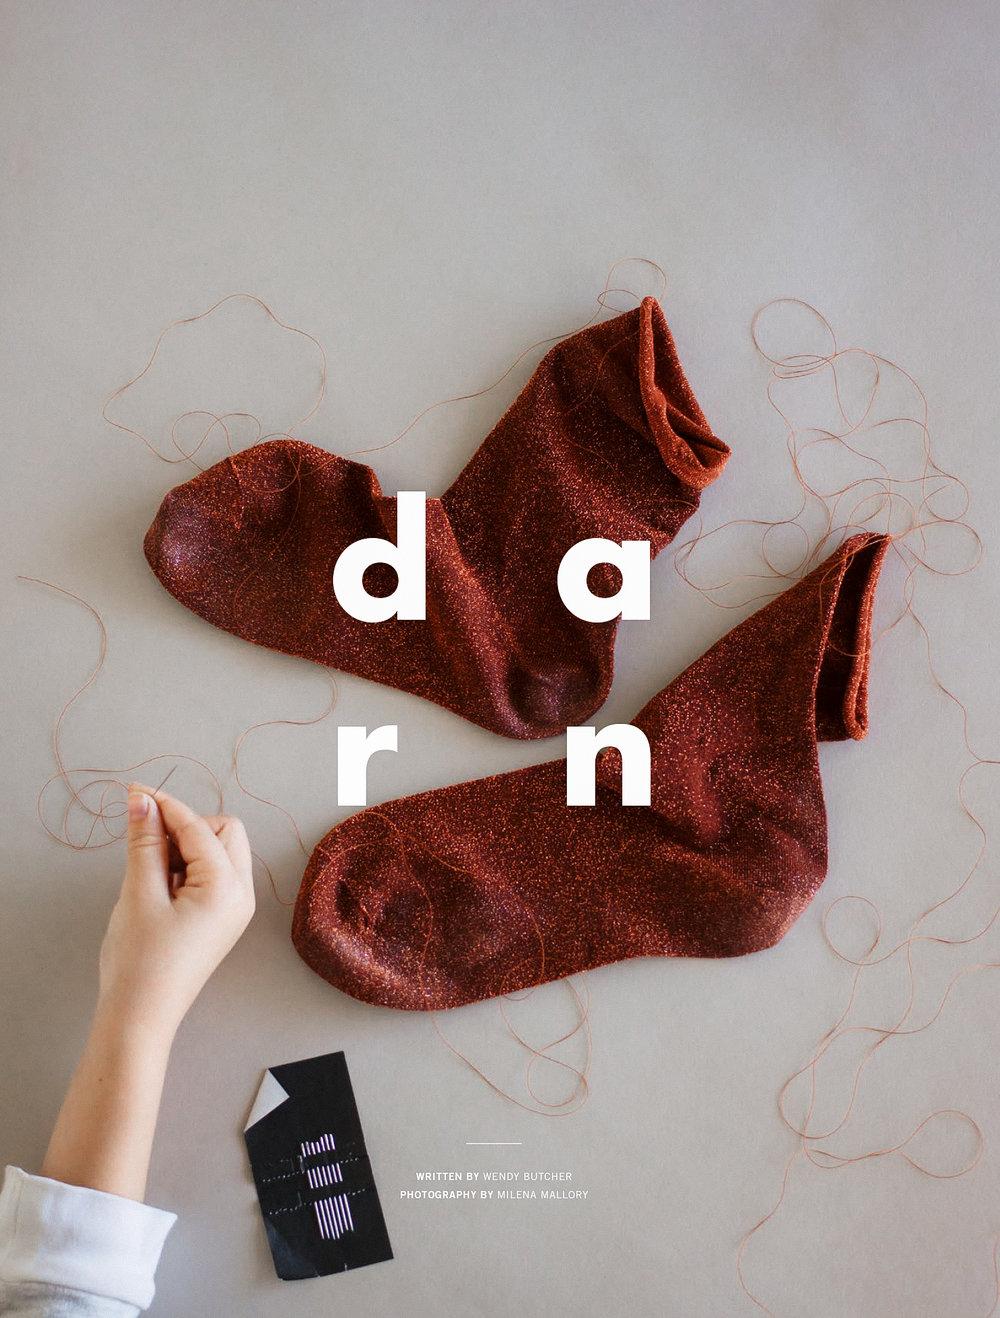 DarlingIssue18_Darning_Milena.jpg